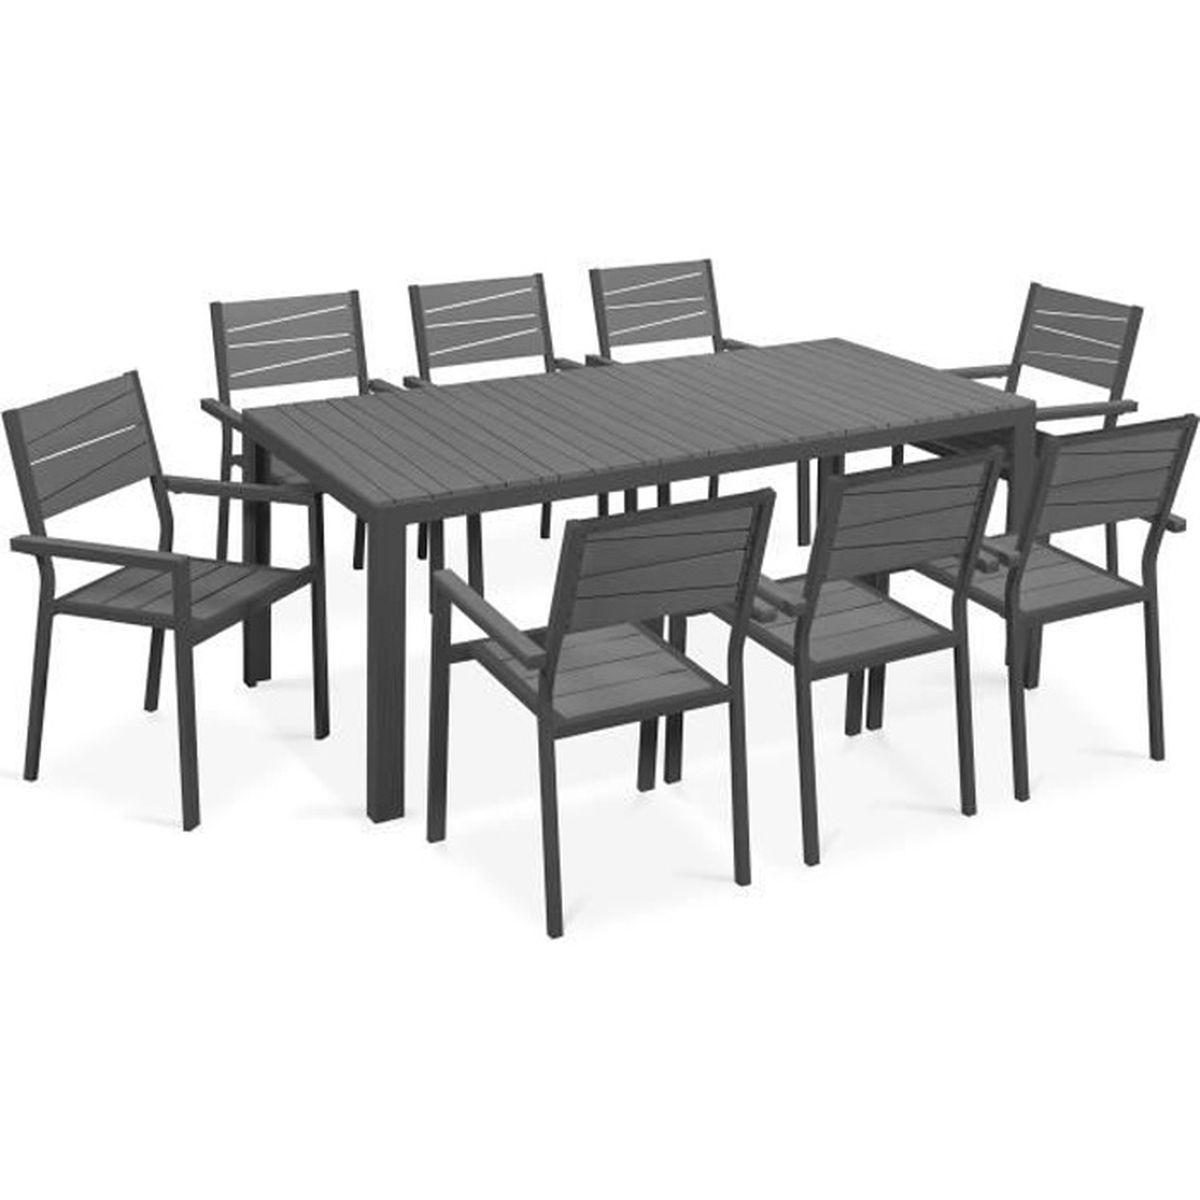 Table de jardin avec 8 chaises